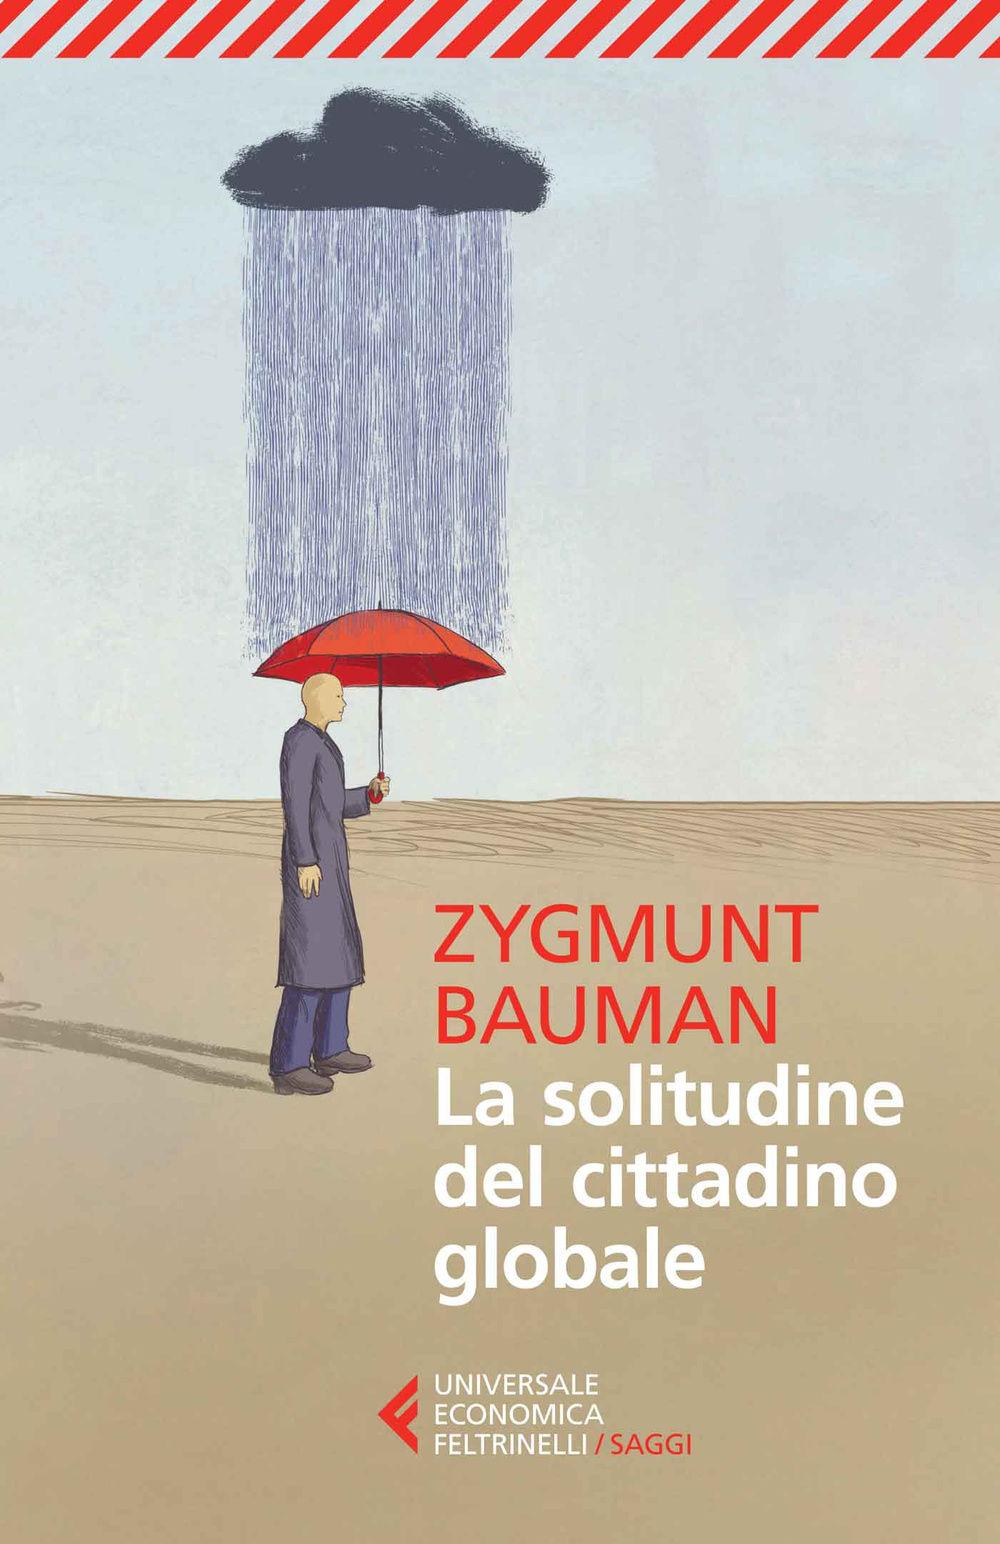 LA SOLITUDINE DEL CITTADINO GLOBALE DI ZYGMUNT BAUMAN